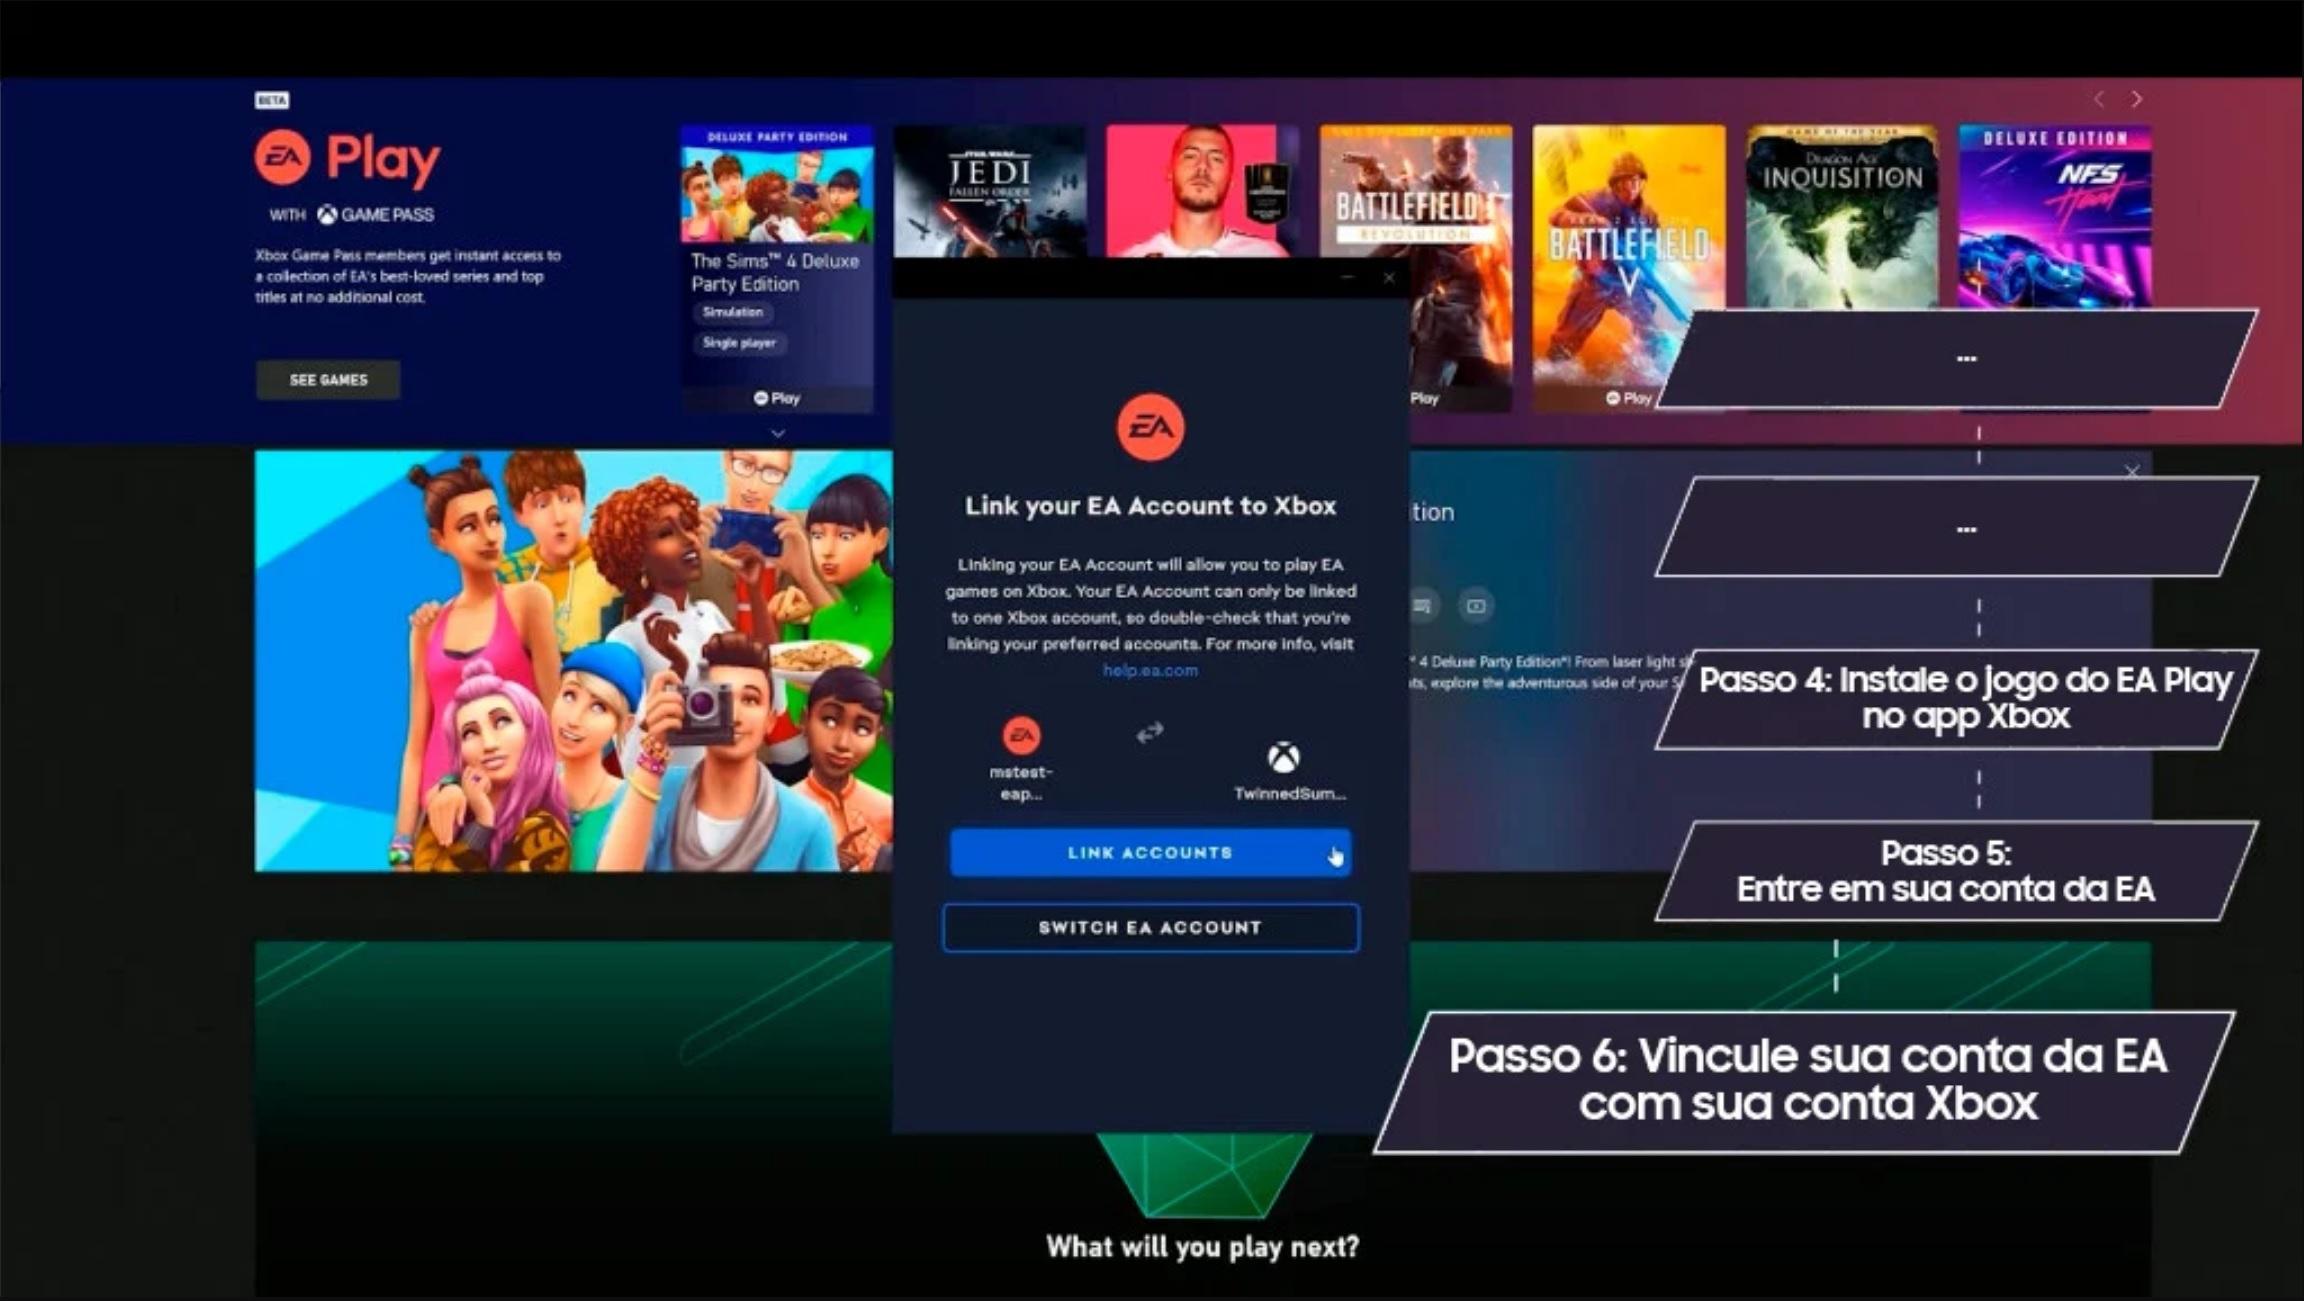 https://techboxlab.com.br/images/conteudo/Windows/Xbox.jpg